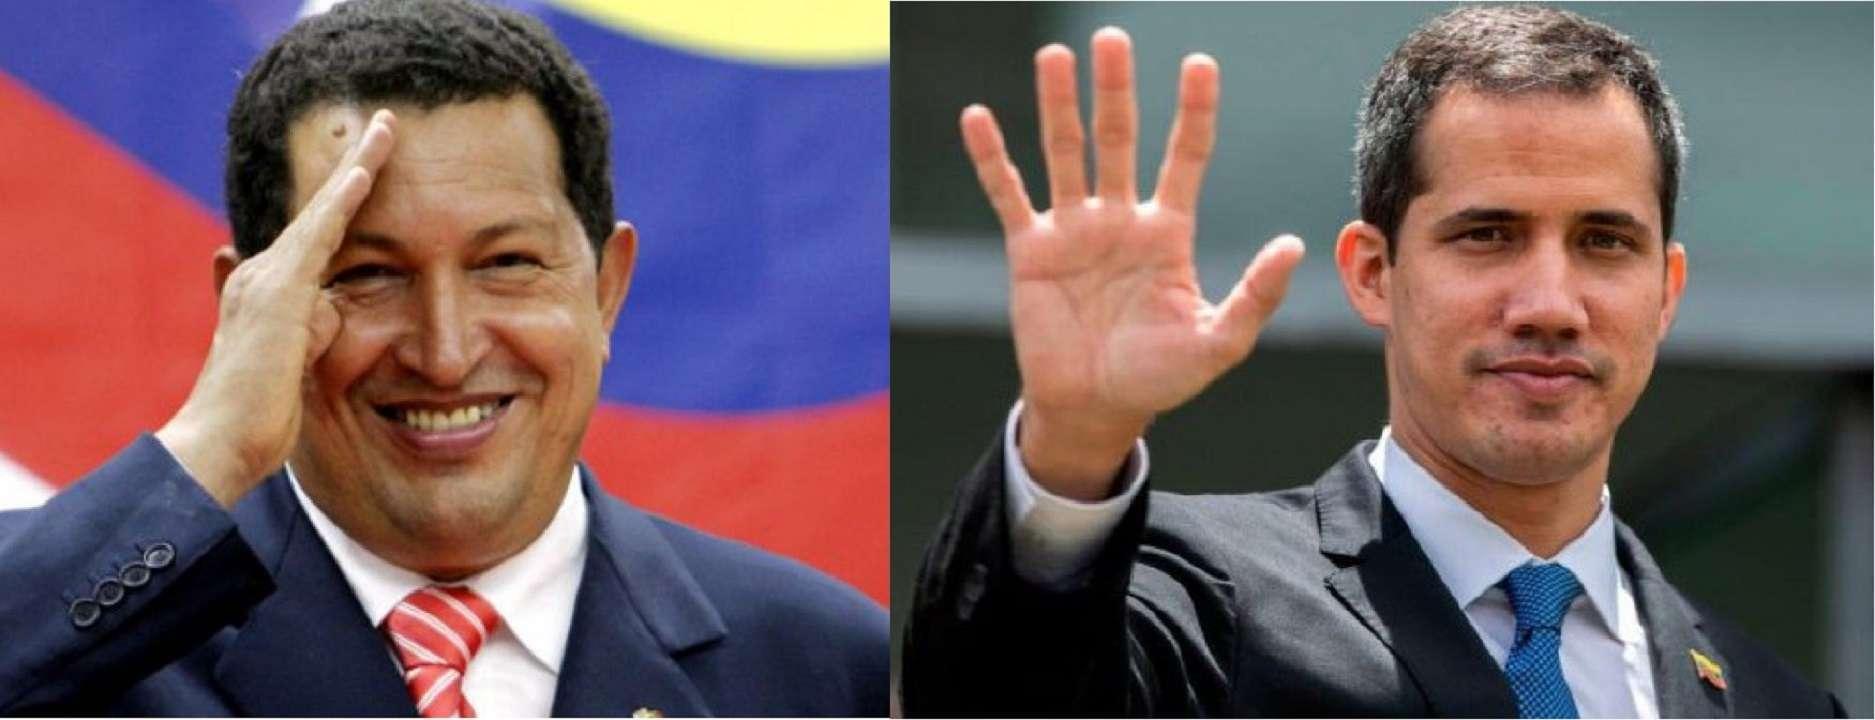 28 de julio | Tal día como hoy nacen Hugo Chávez (1954) y Juan Guaidó (1983)